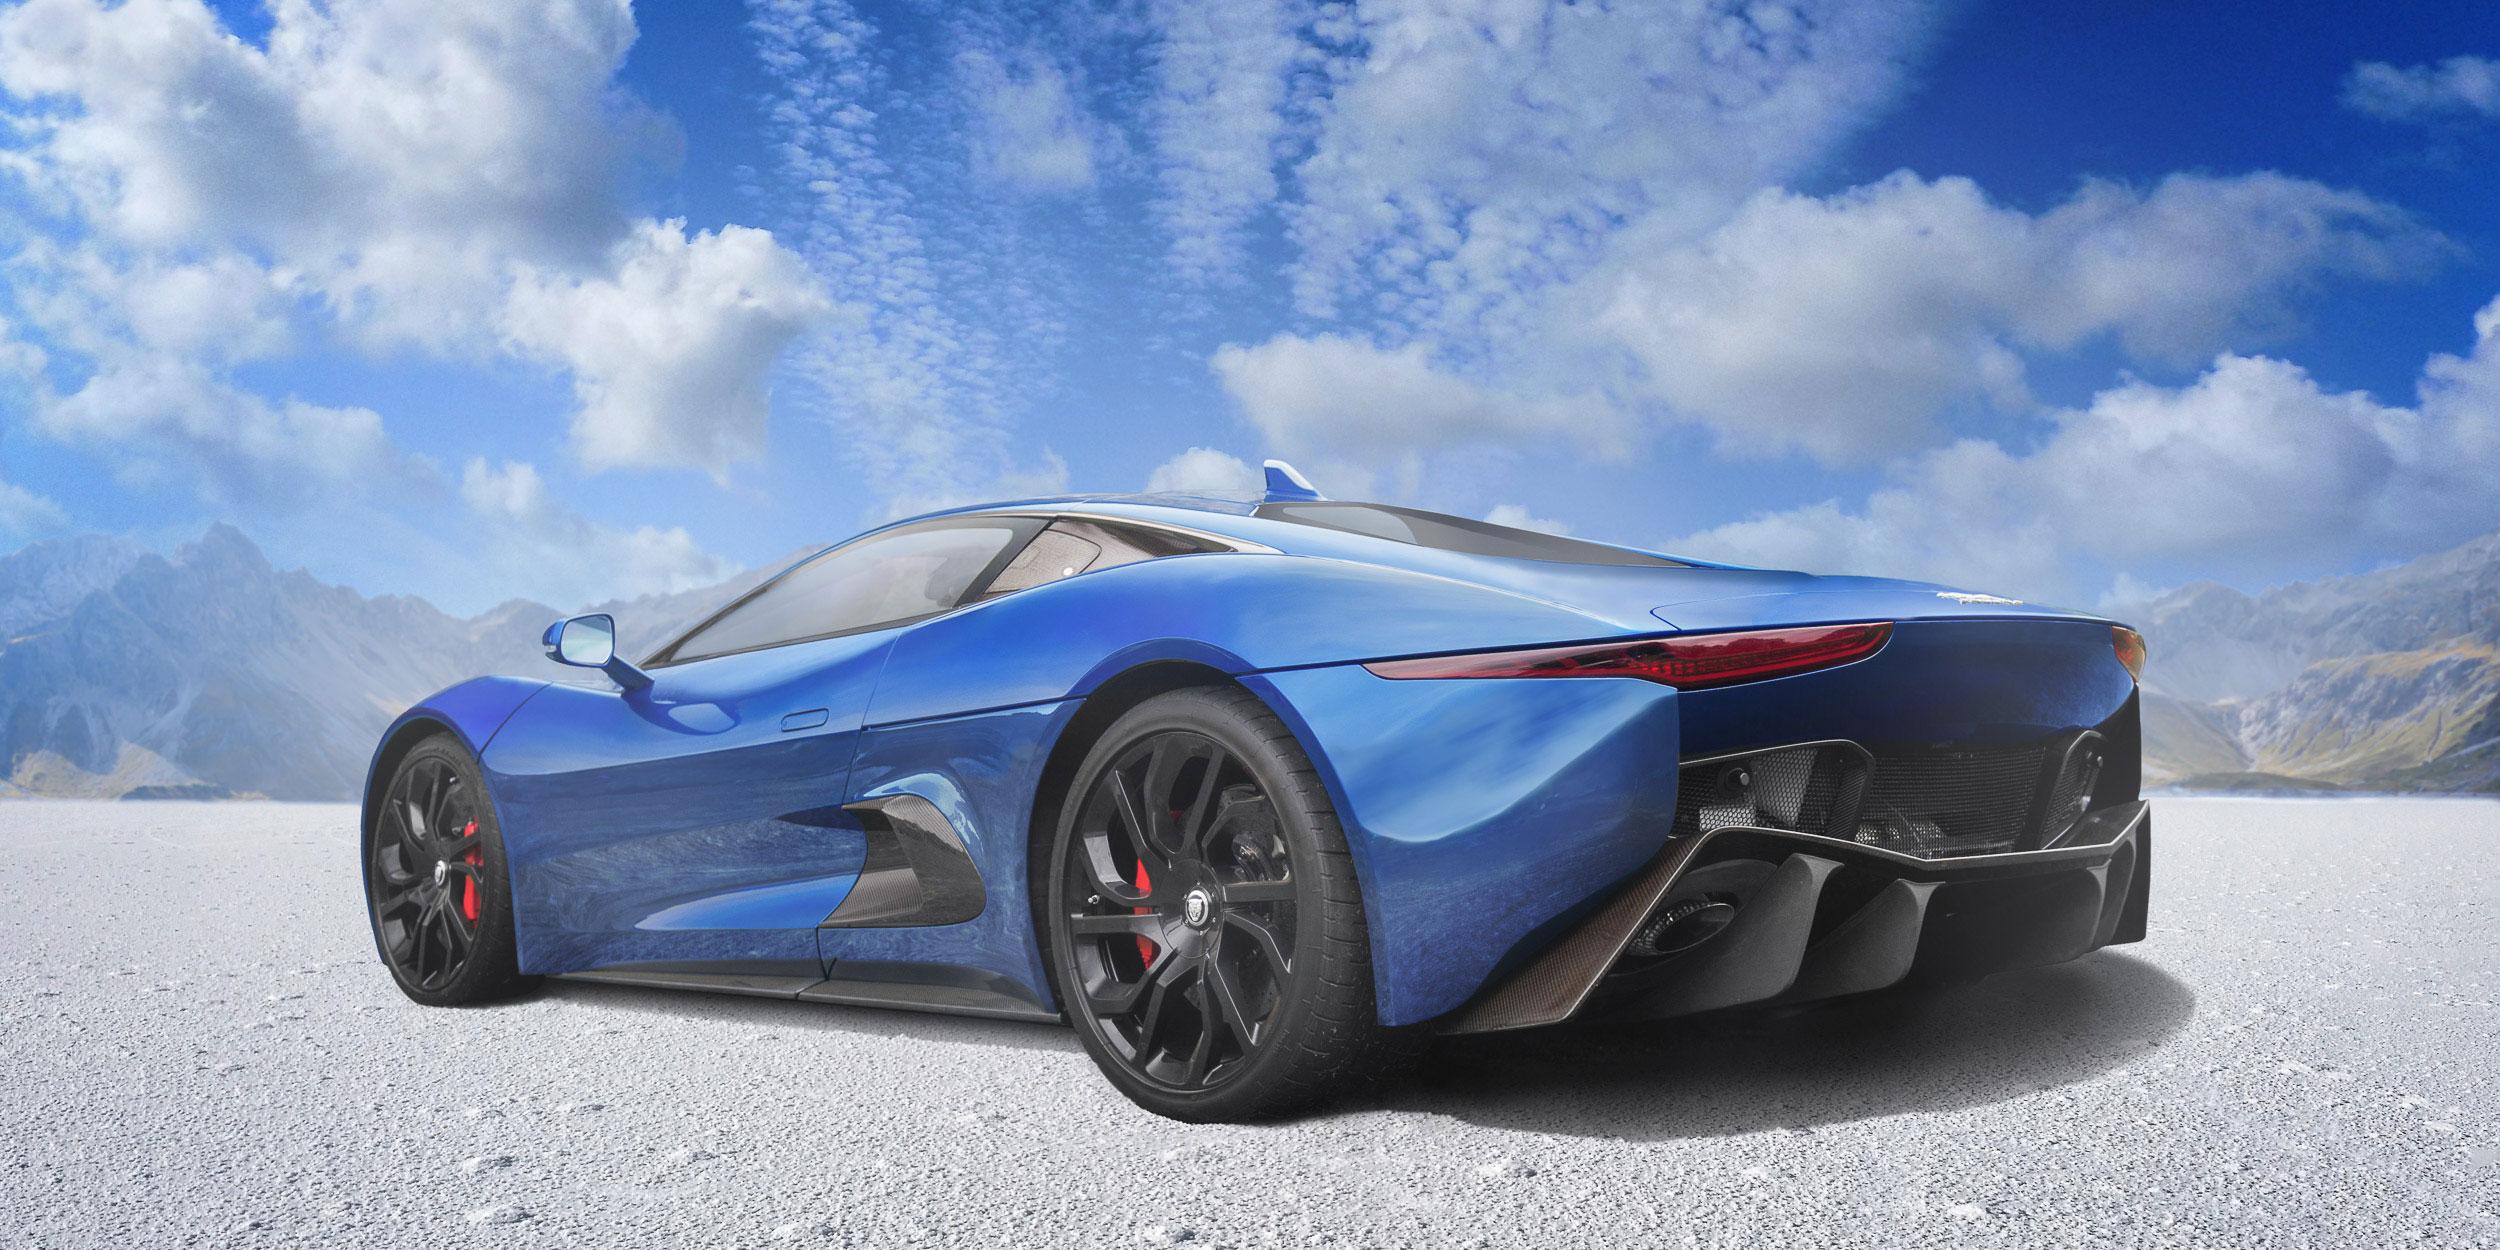 Automotive photograph featuring a jaguar on a desert landscape